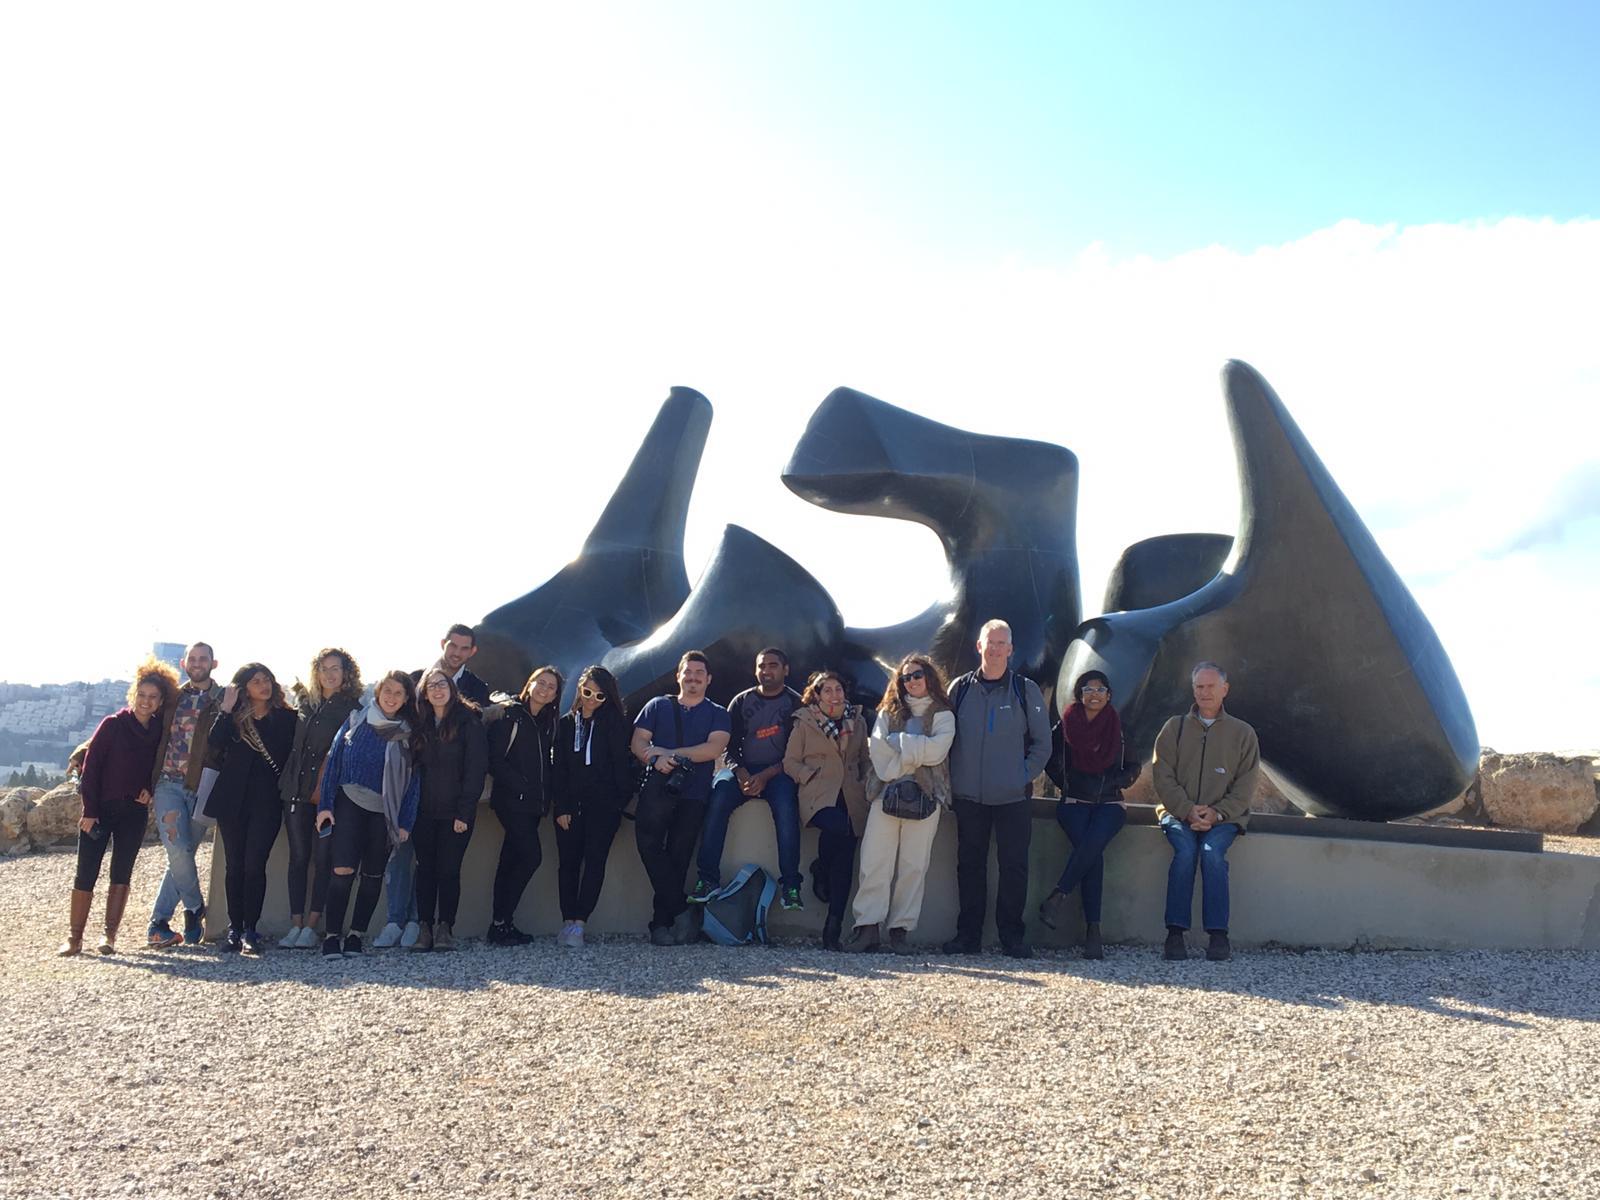 סיור סטודנטים לתולדות האמנות במוזיאון ישראל